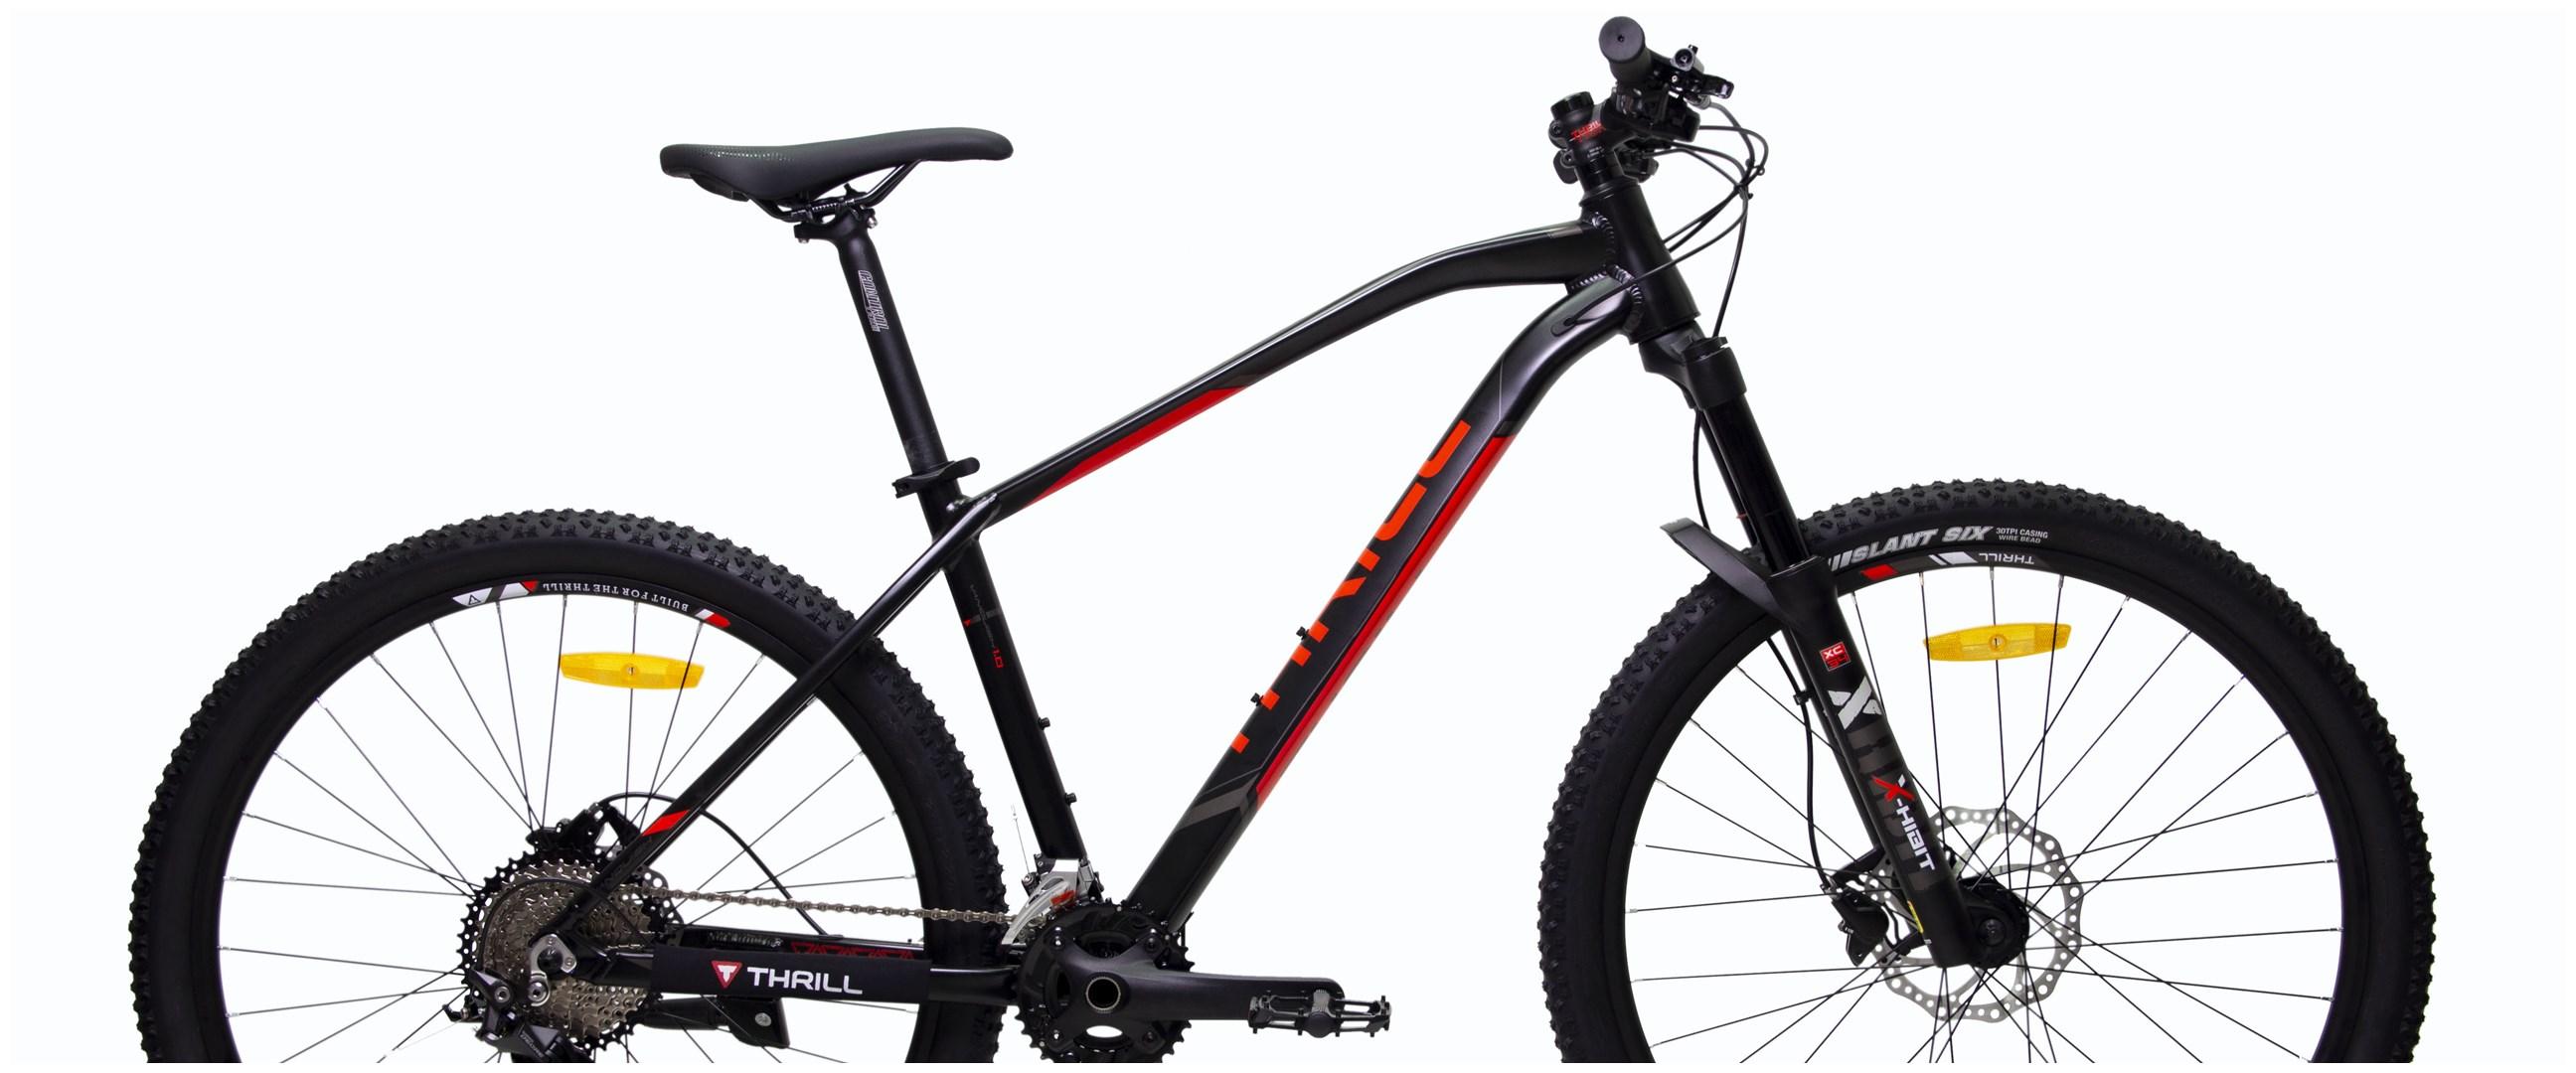 Harga sepeda gunung Thrill Vanquish dan spesifikasi, keren dan gesit